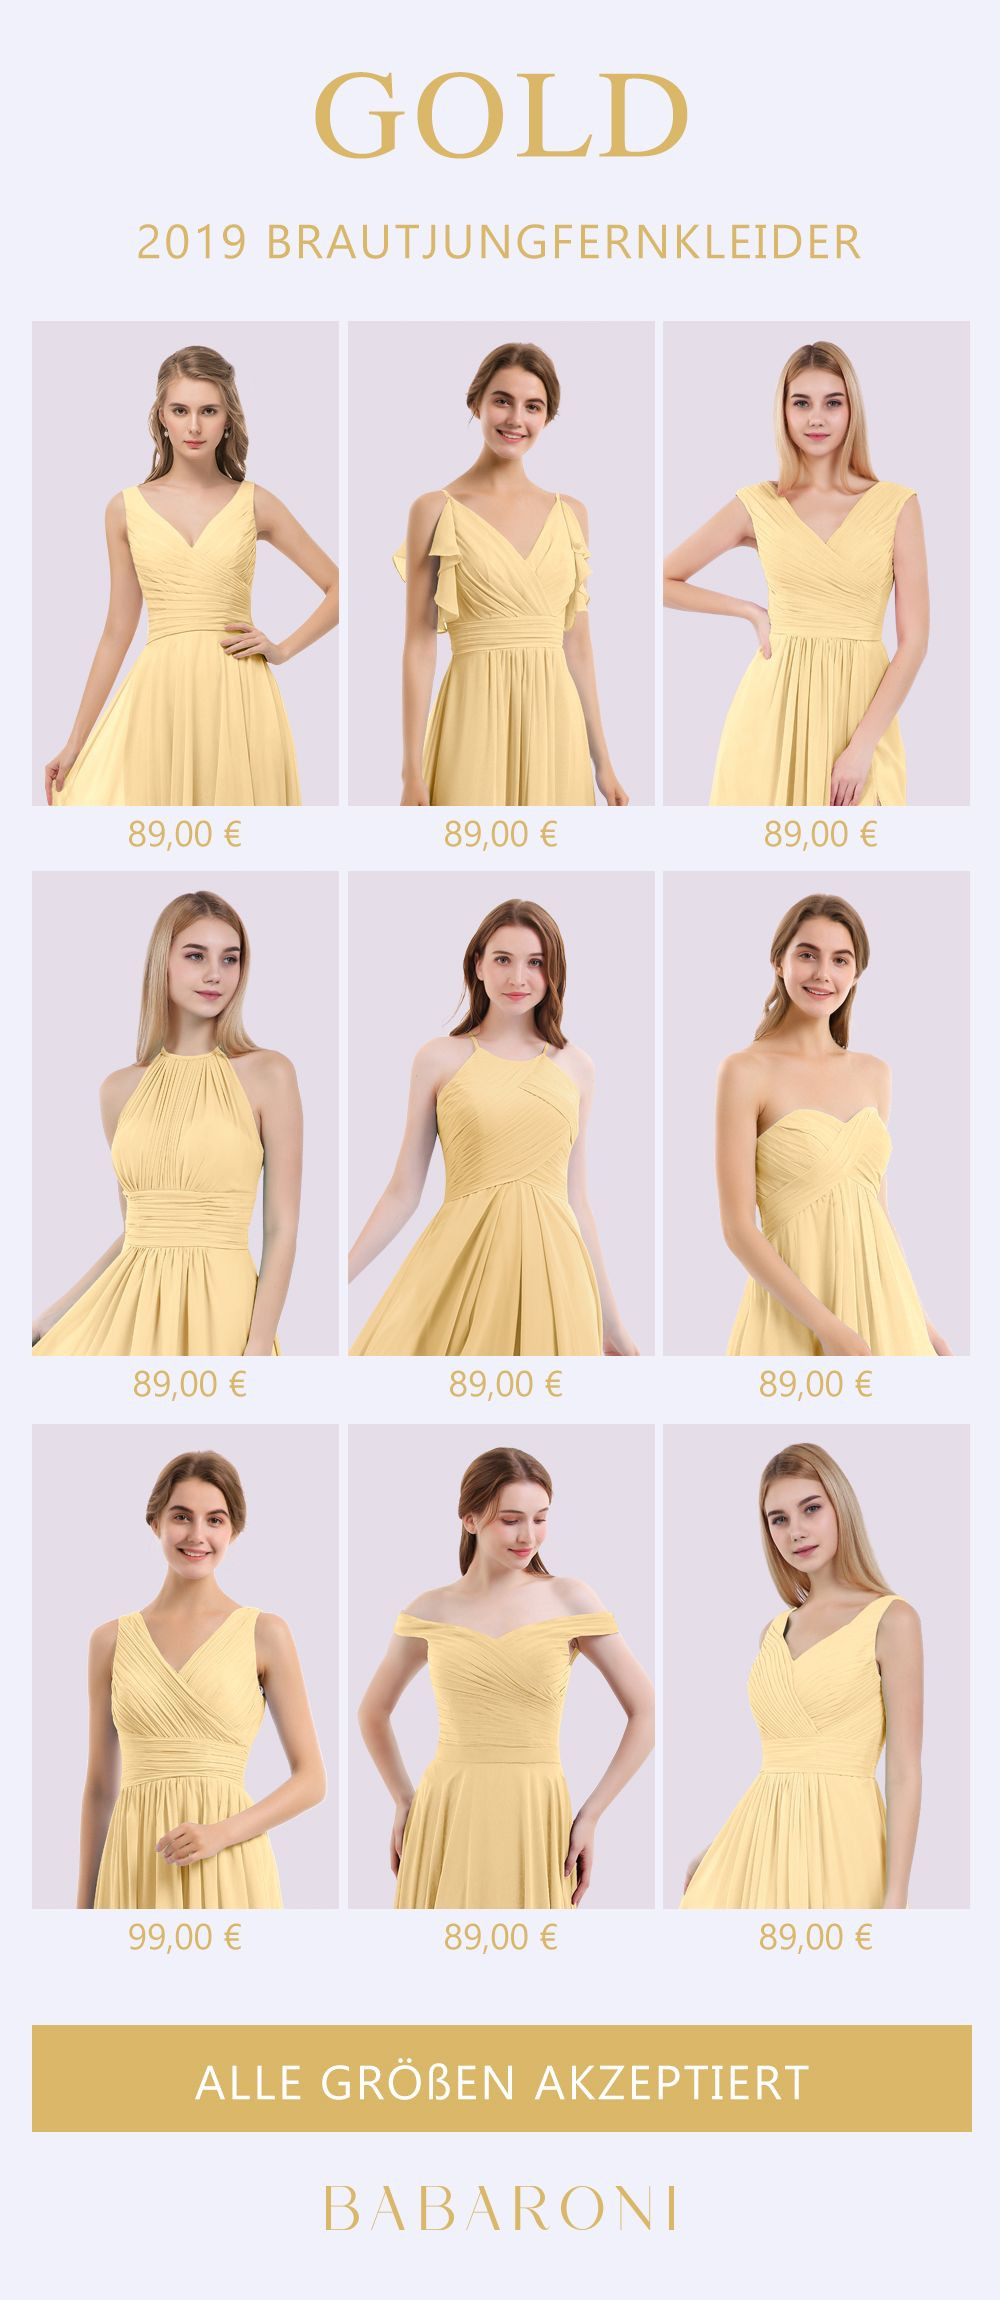 Abend Elegant Abendkleider Suchen Vertrieb20 Cool Abendkleider Suchen Boutique